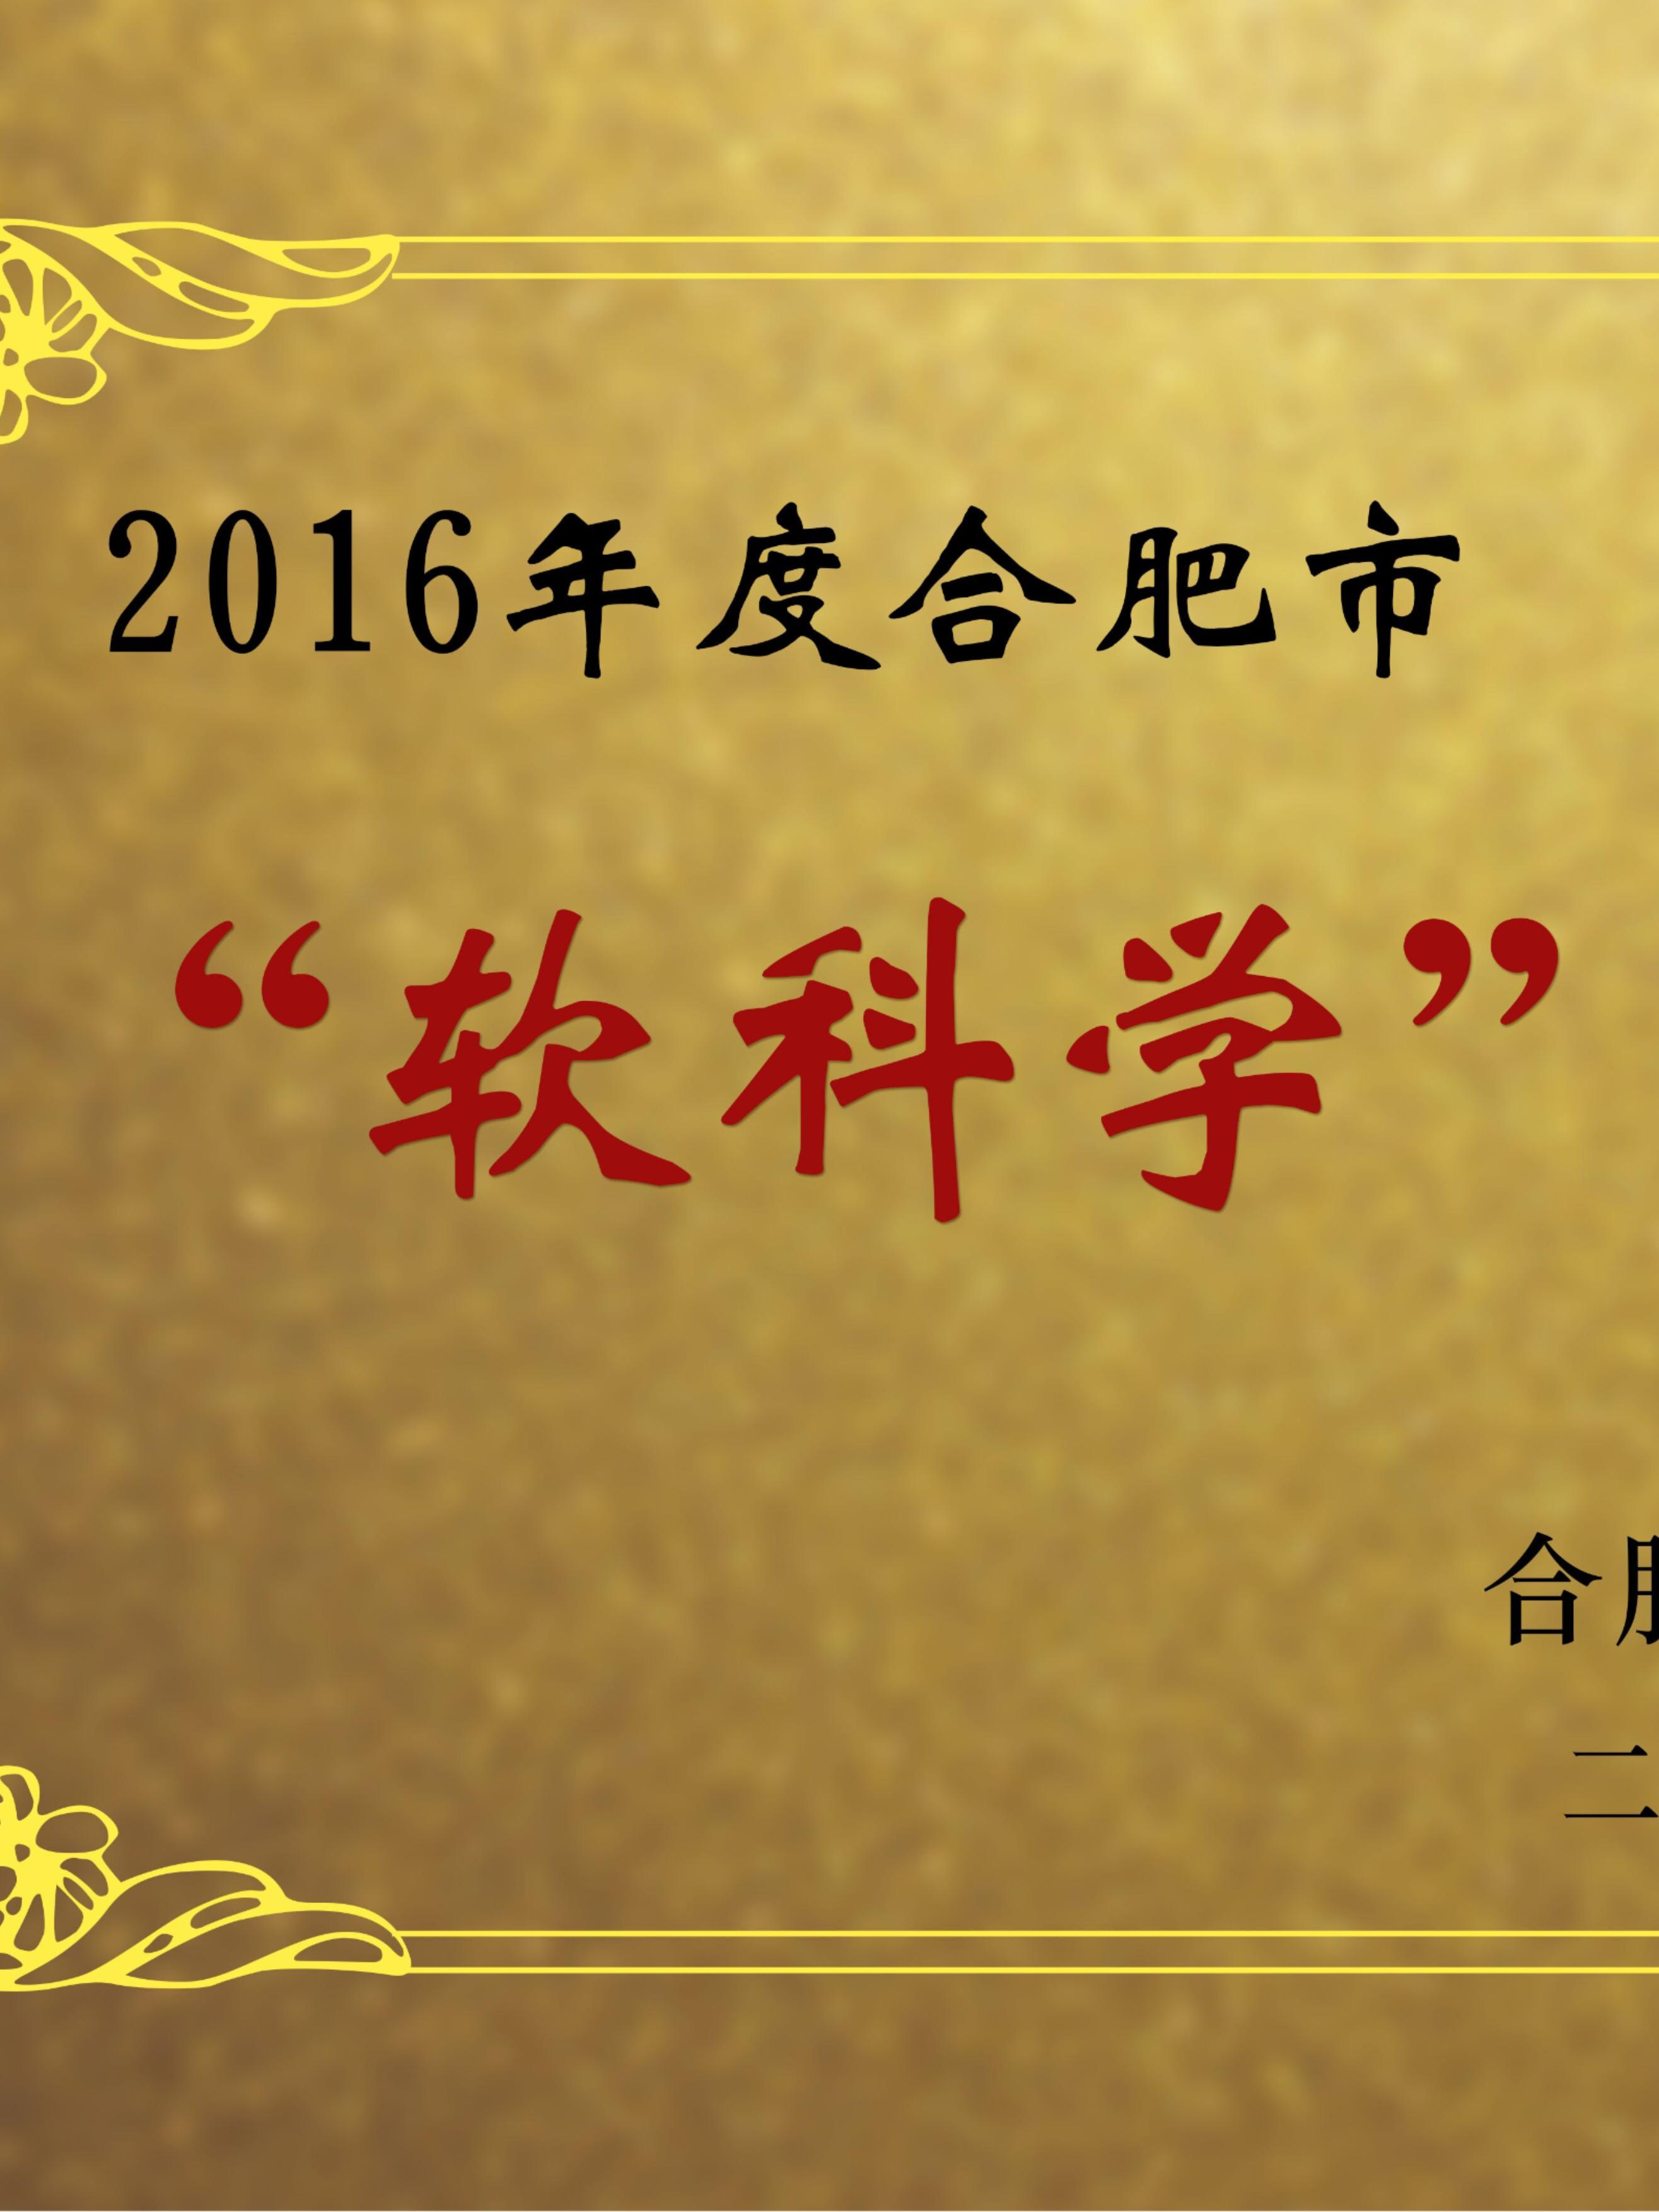 安徽卧涛2016年度合肥市软科学项目